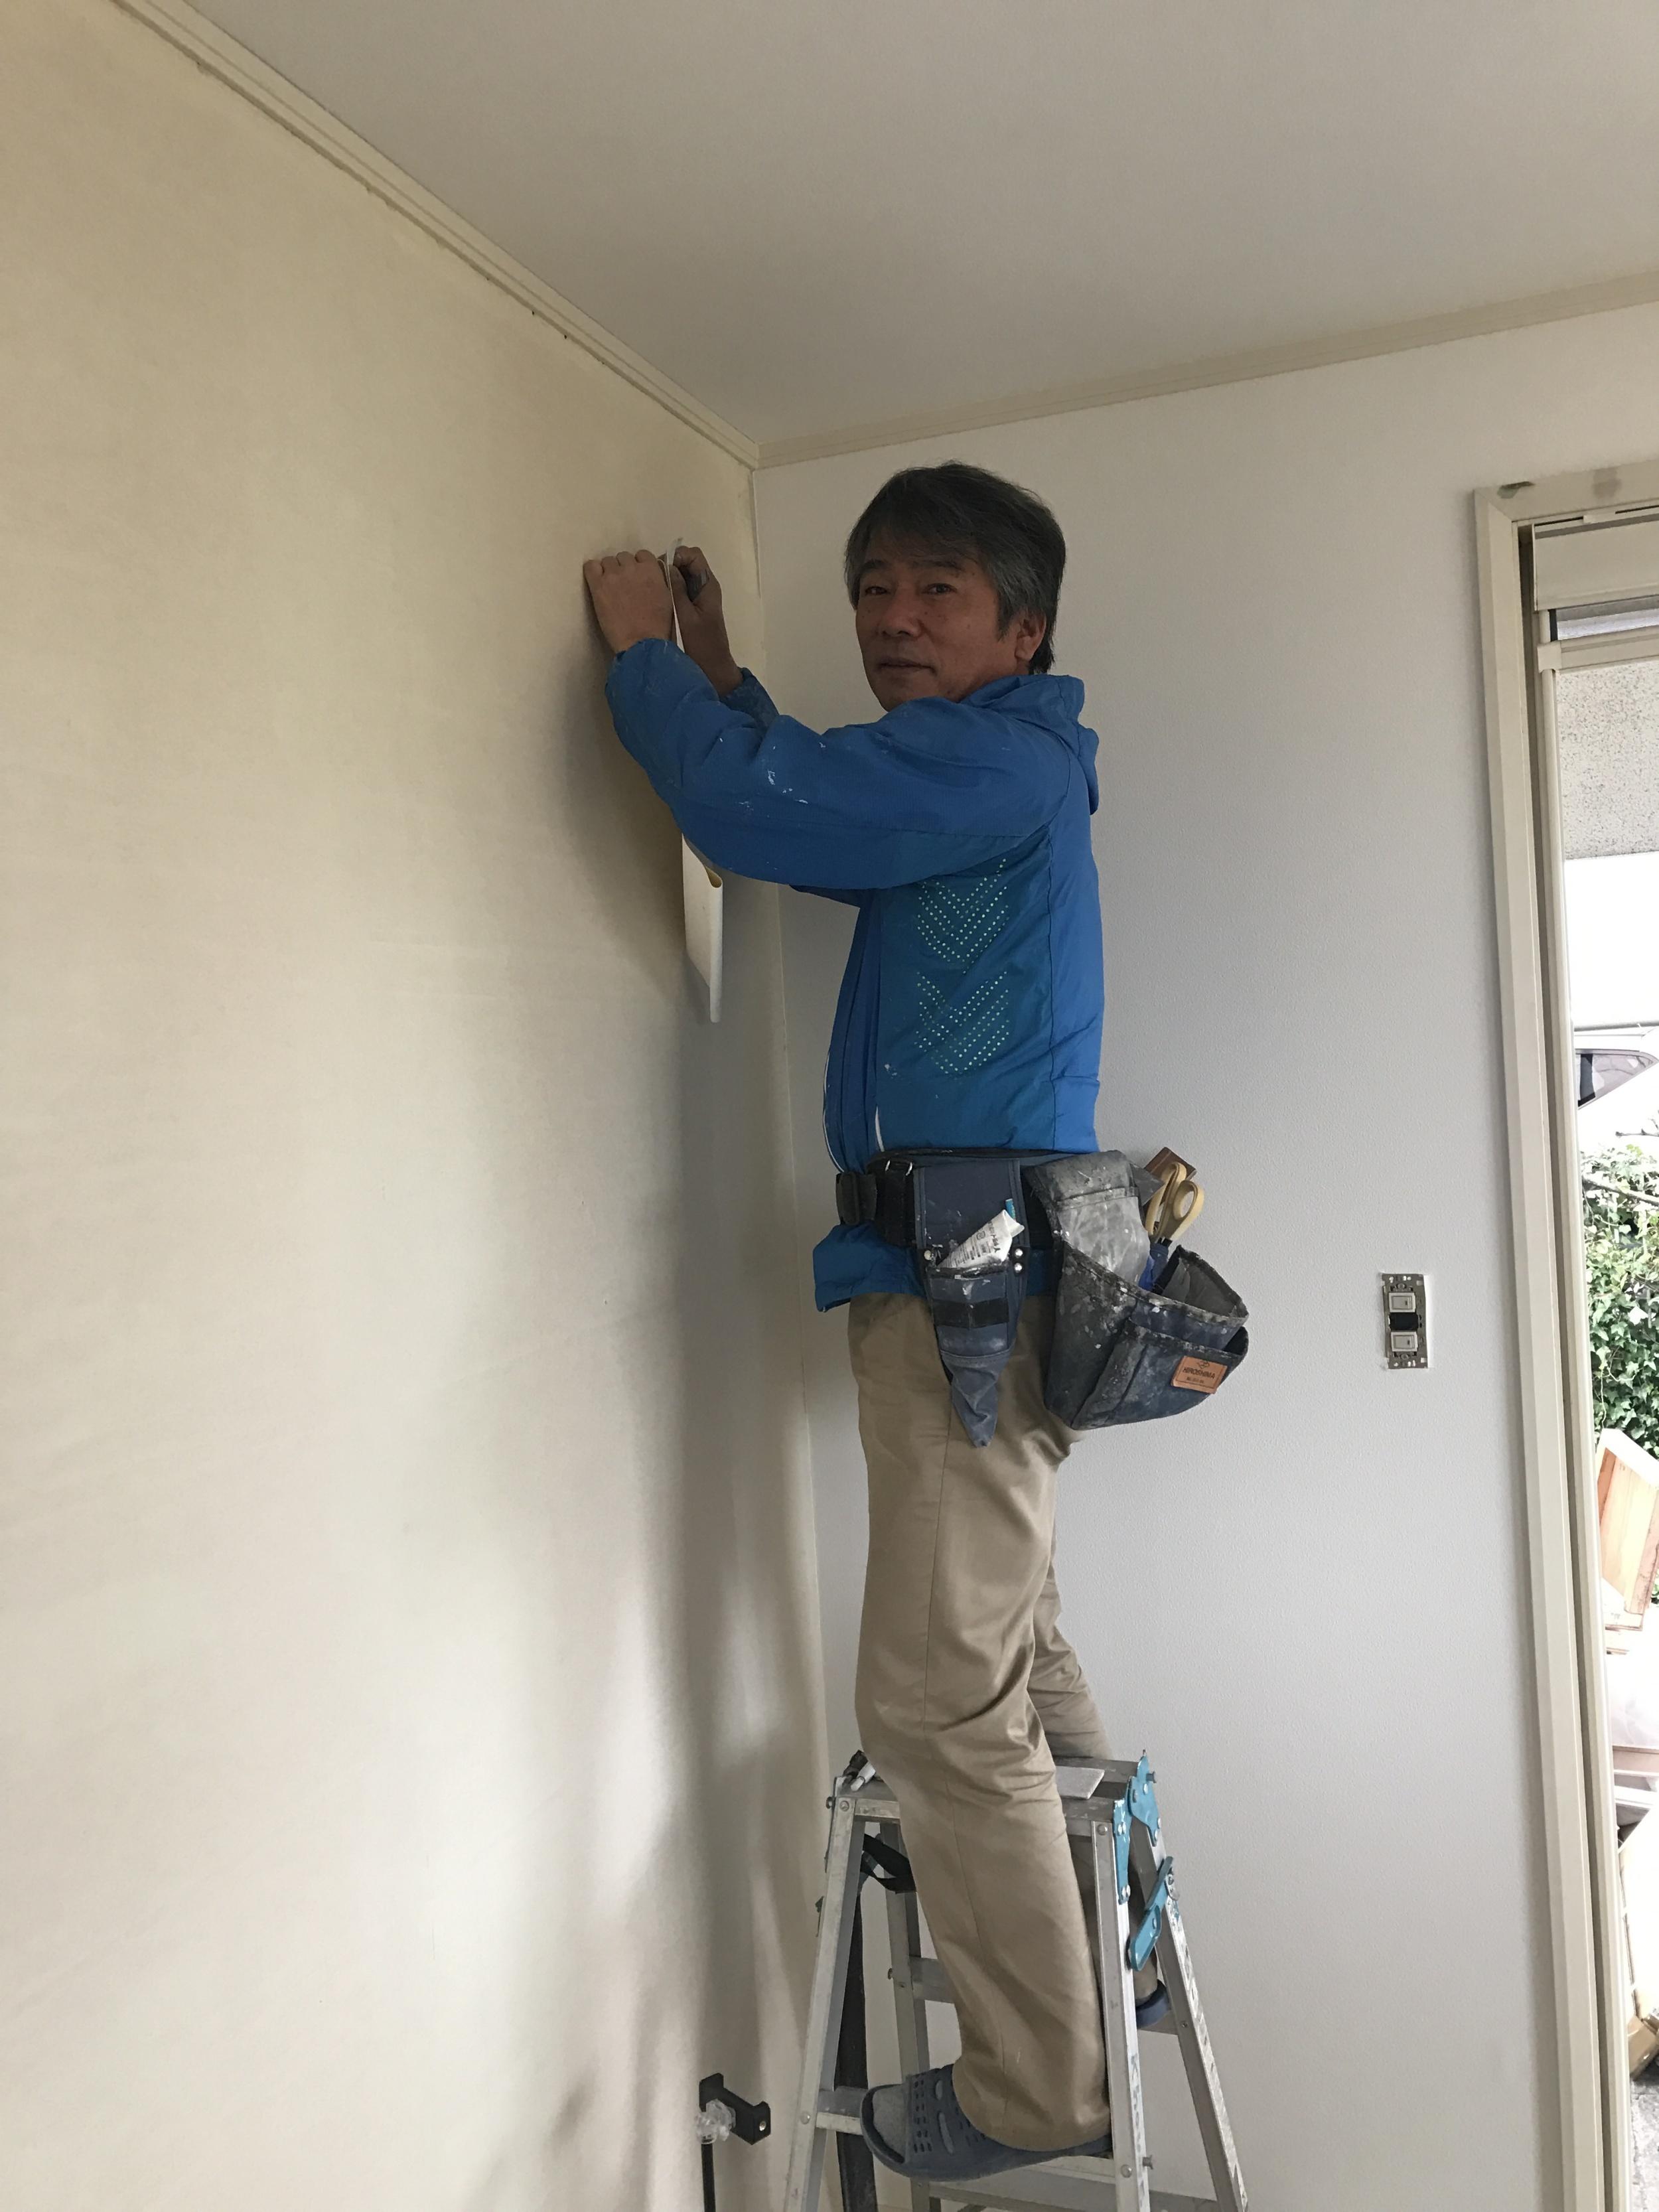 京都 奈良の壁紙クロス張替えは職人直で安いだけでなく仕上がりにも